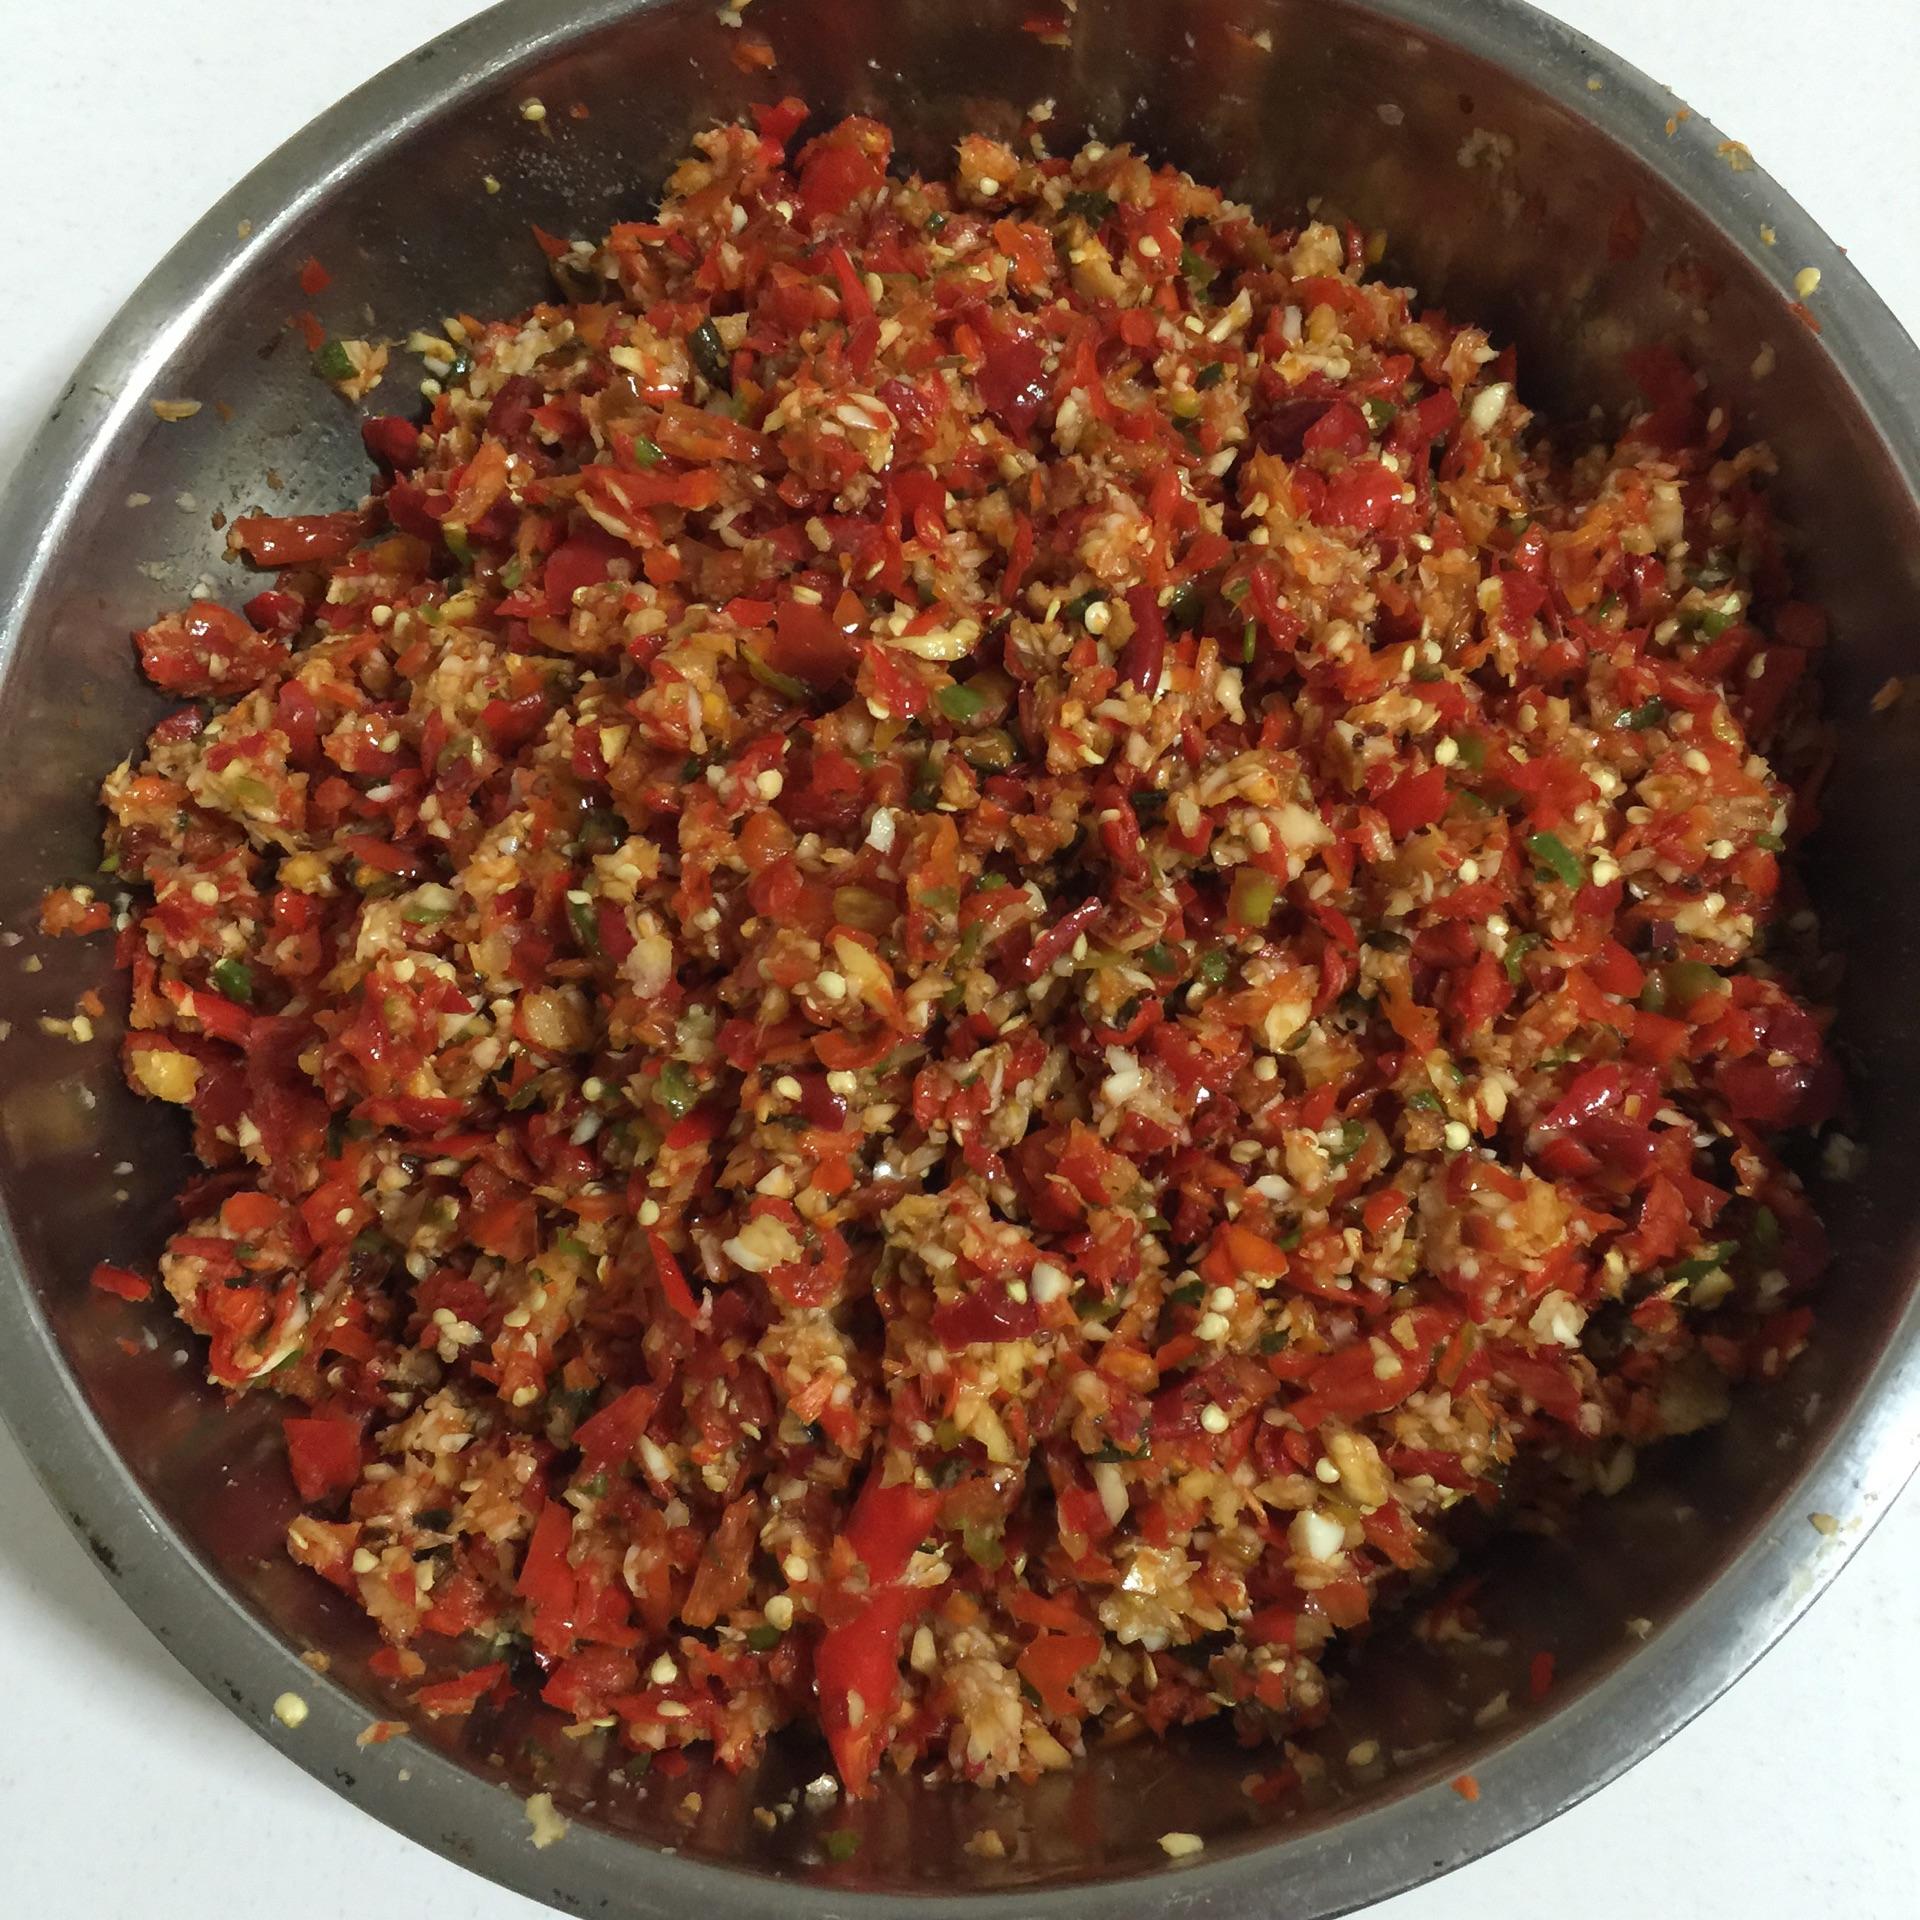 自制辣椒醬的做法_【圖解】自制辣椒醬怎么做如何做好吃_自制辣椒醬家常做法大全_果媽私房菜_豆果美食